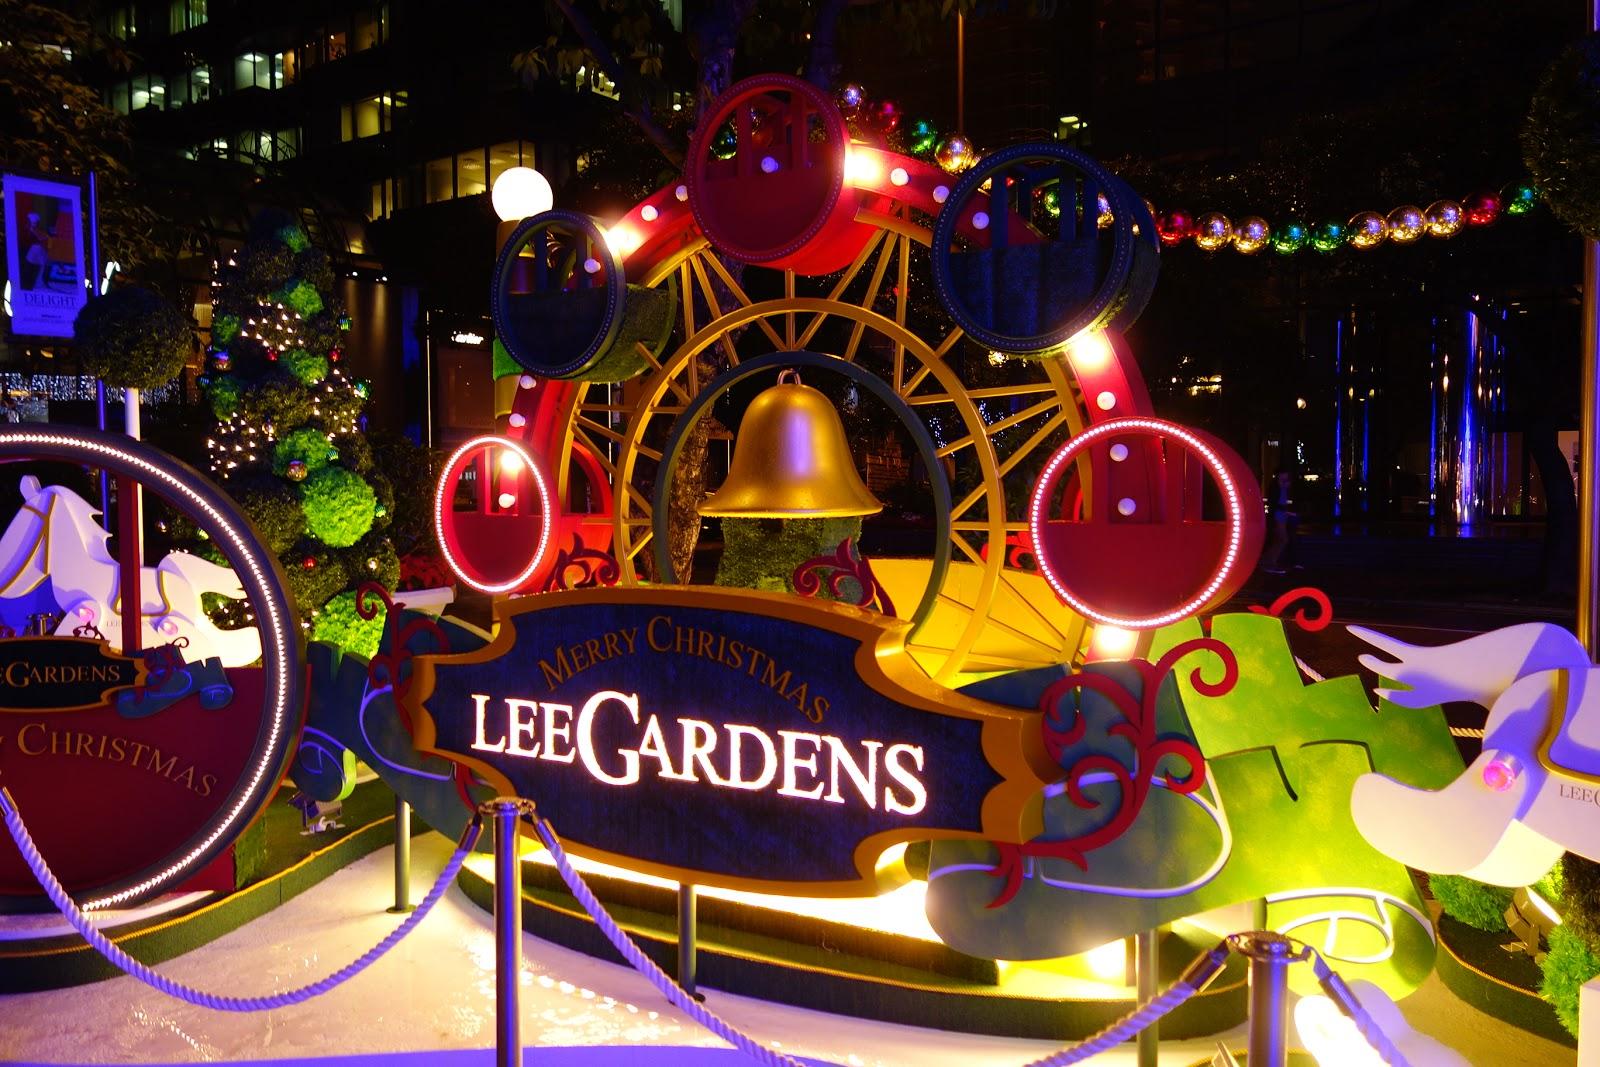 日訪愛祈: 聖誕節影相位逐個捉:Lee Gardens 綠色聖誕